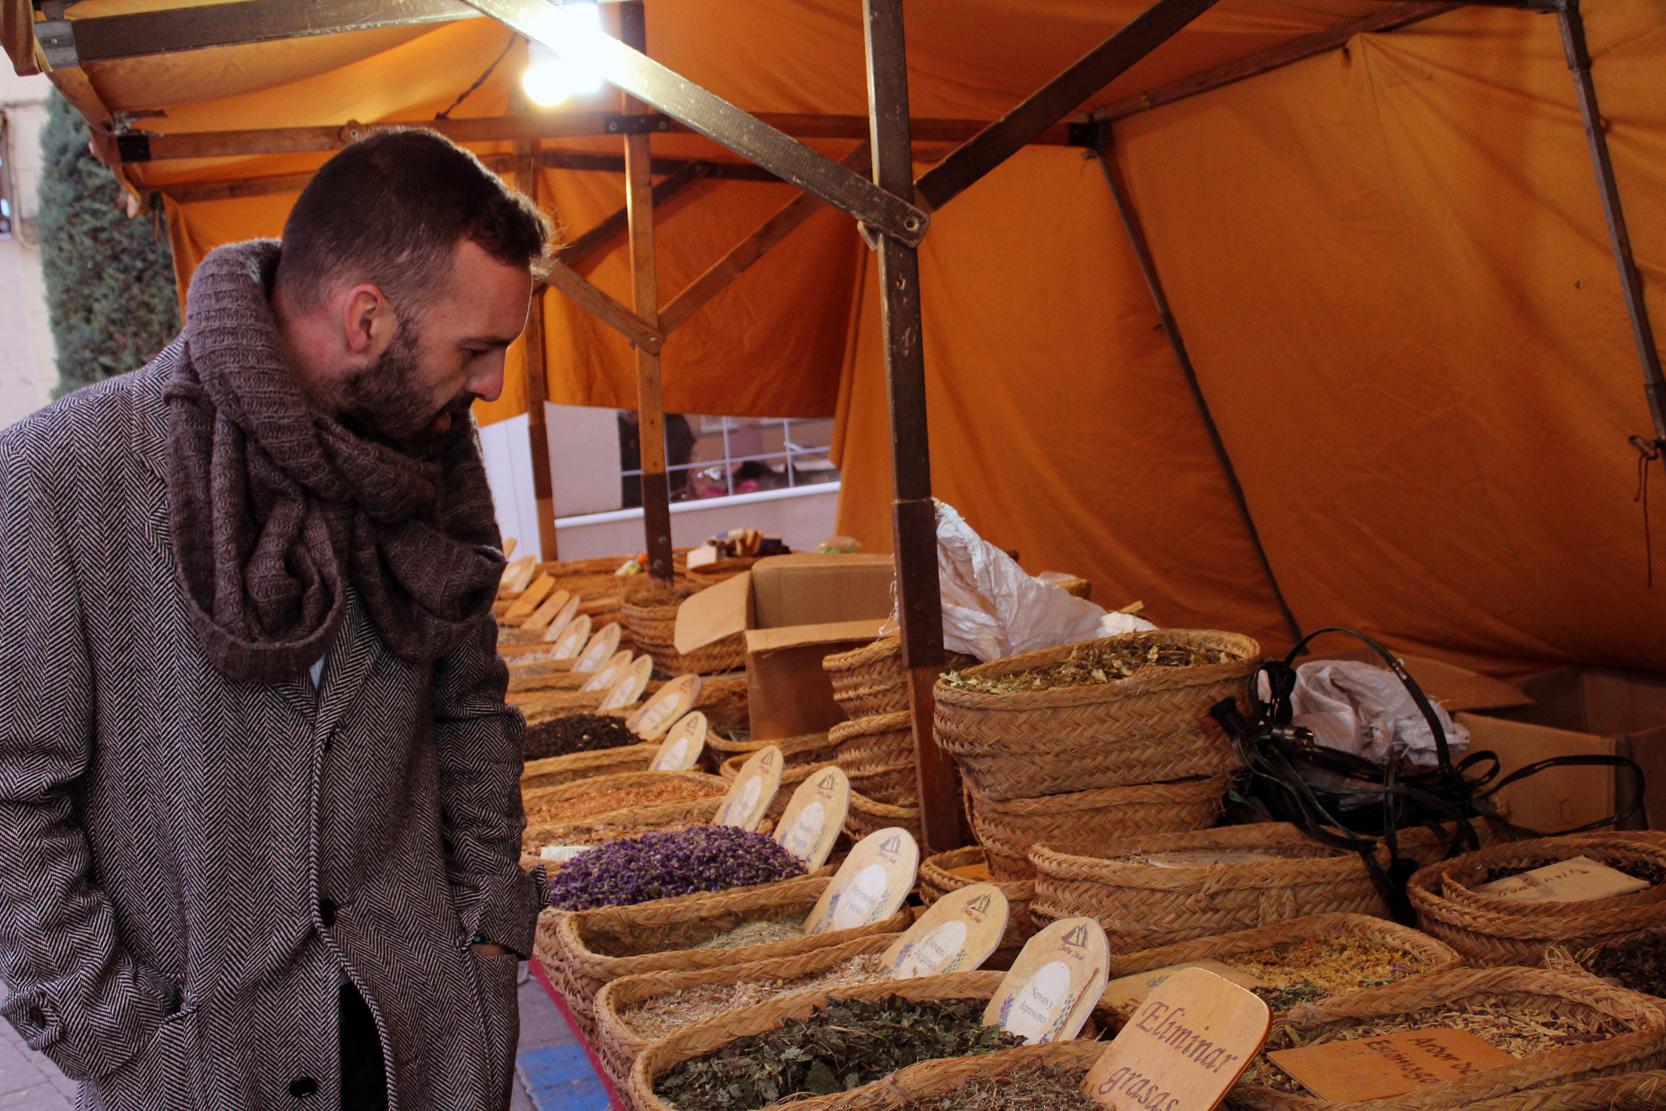 La Plaza Mayor Acoge Esta Semana Un Mercado Navideño